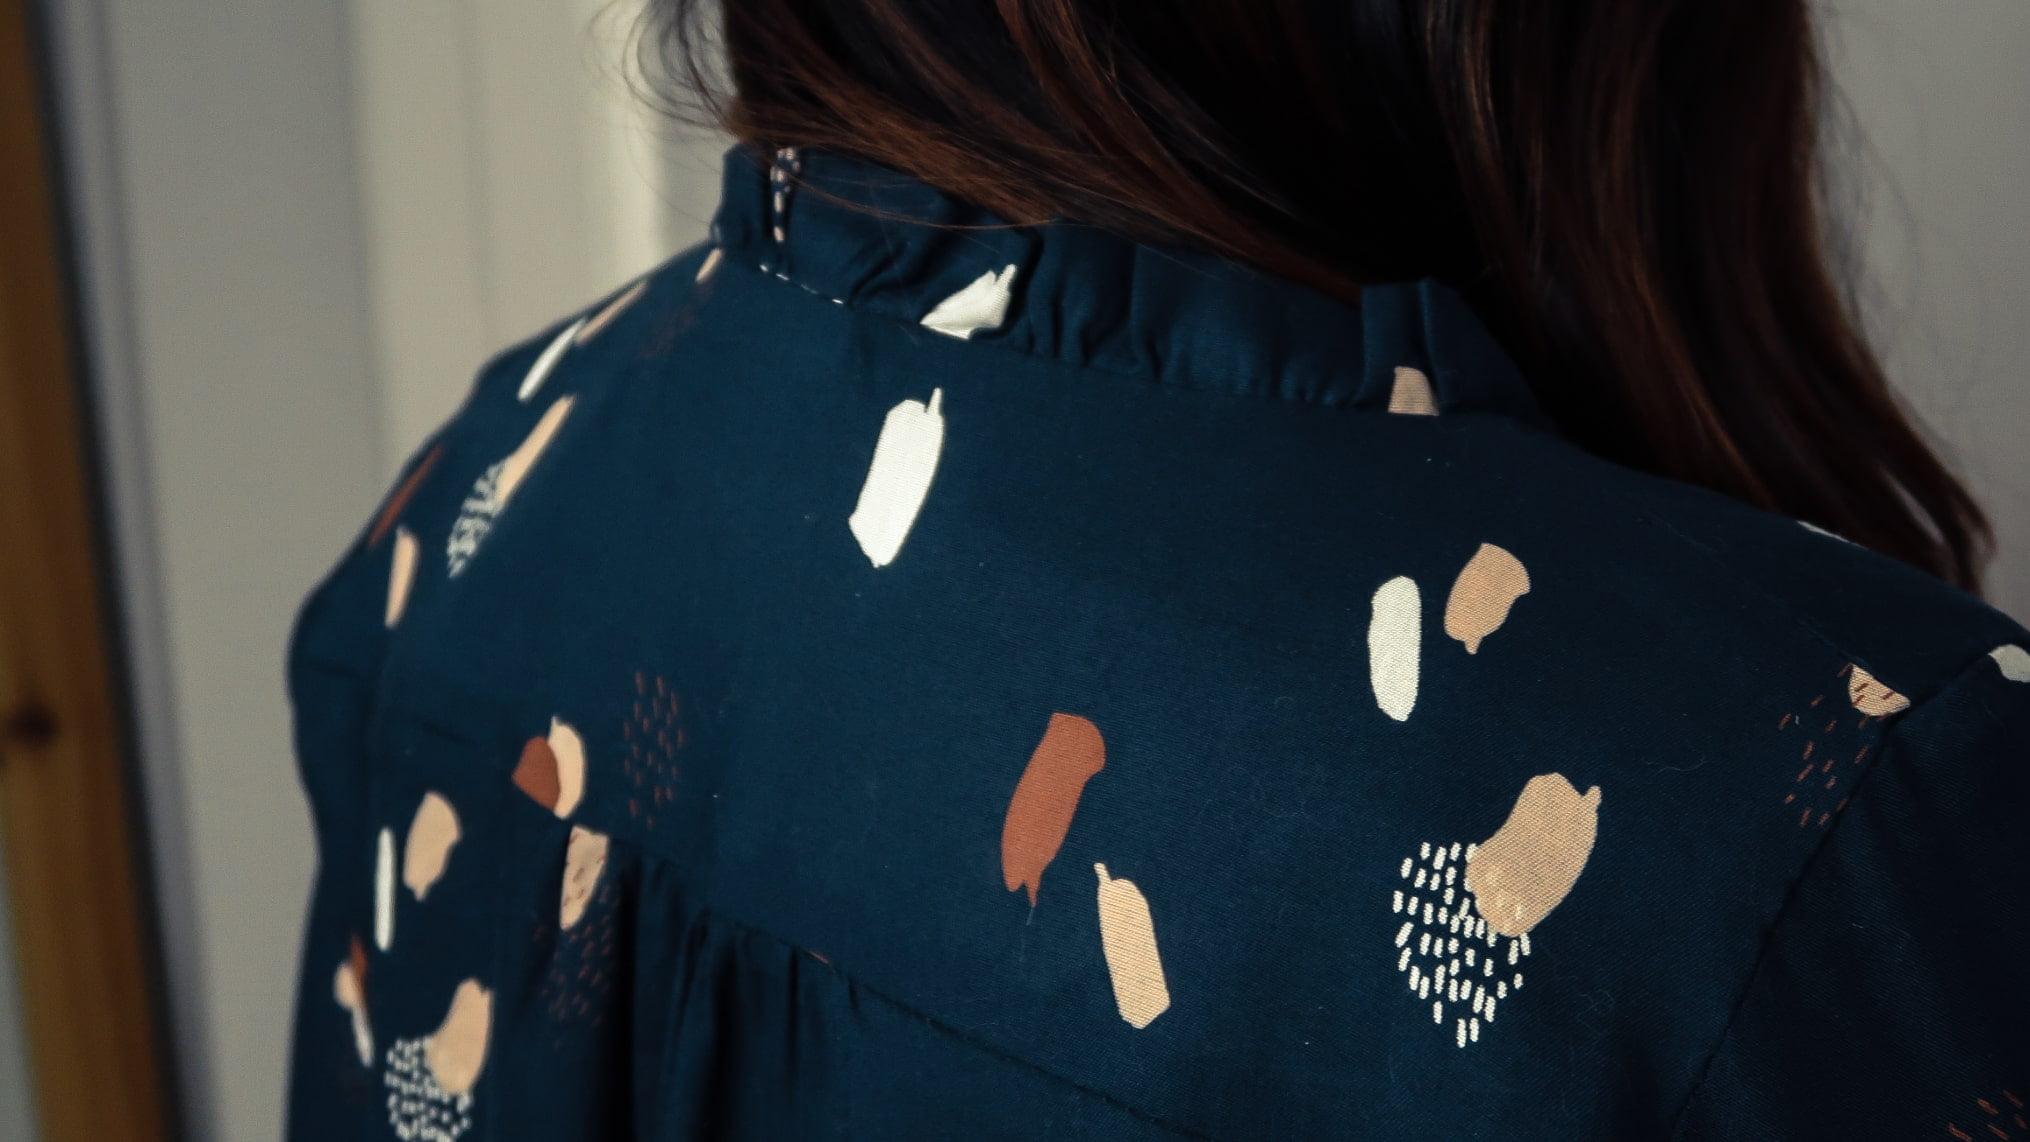 couture-et-paillettes-chemisier-wendy-sophie-denys-couture-dos-plis